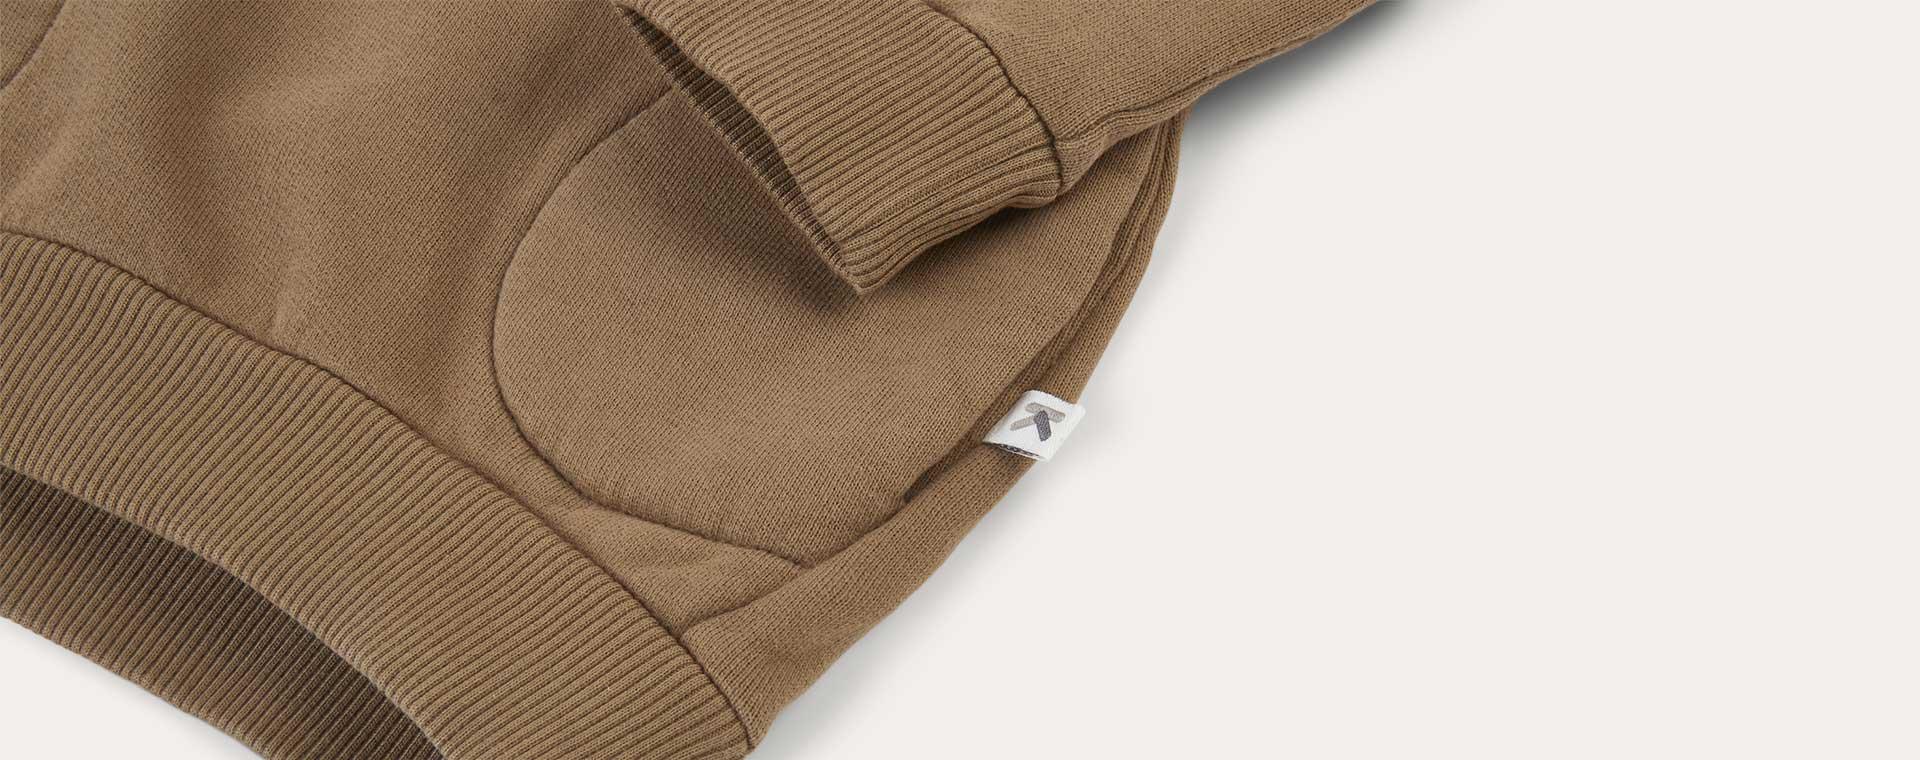 Camel KIDLY Label Pocket Sweatshirt